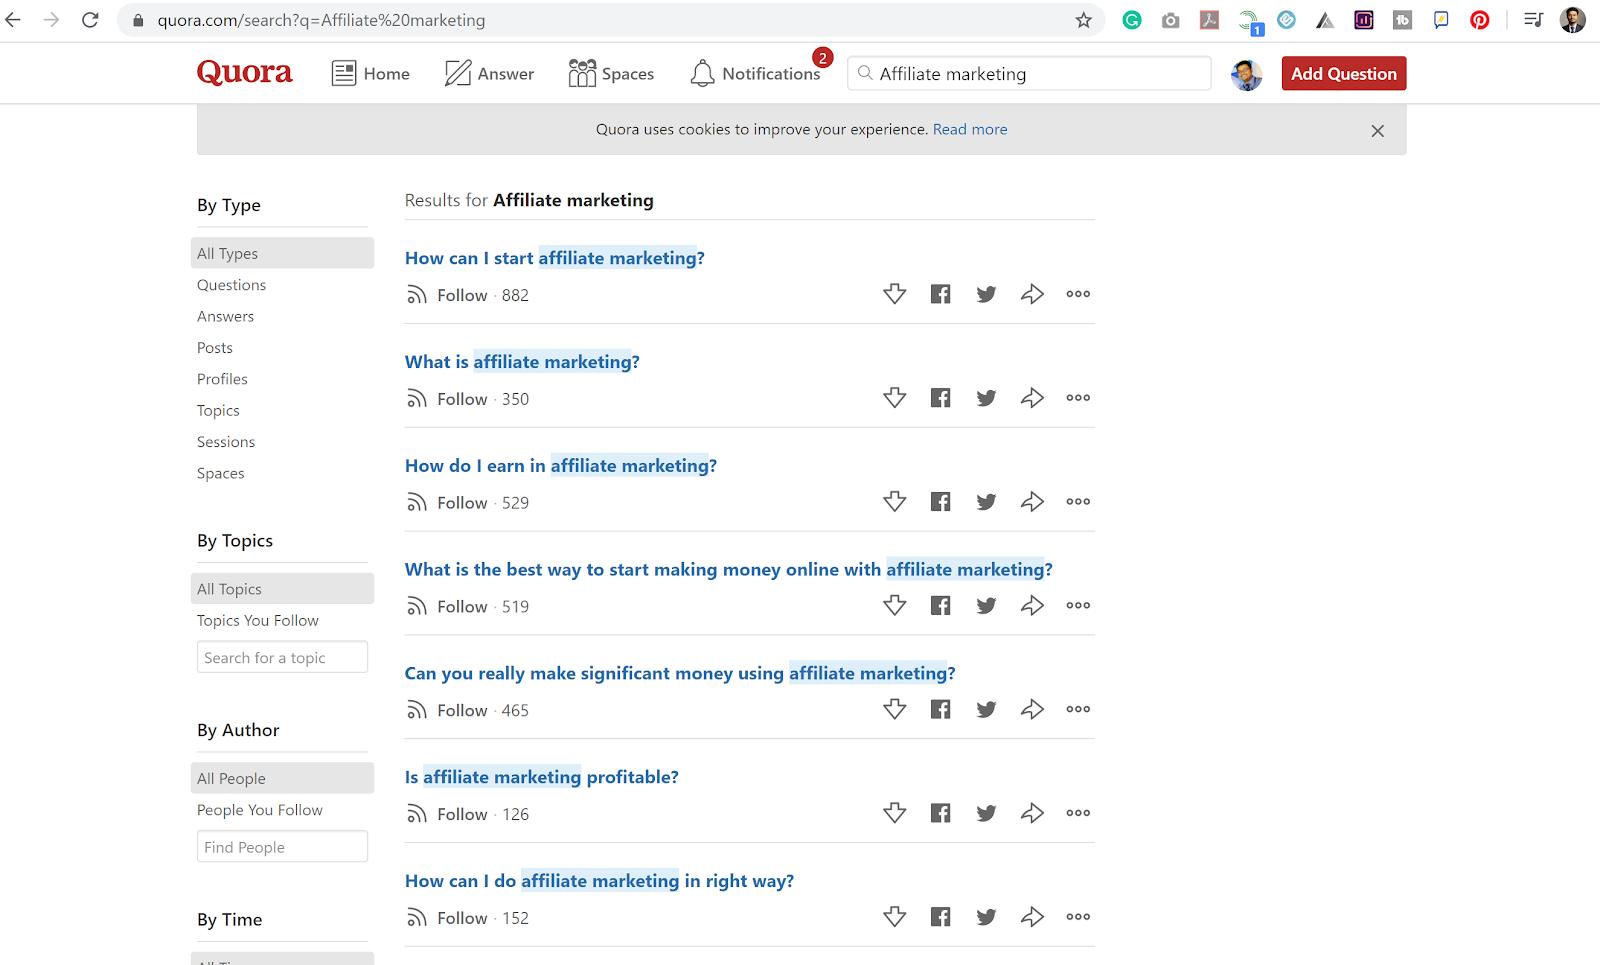 Blog Post Content Ideas - Quora